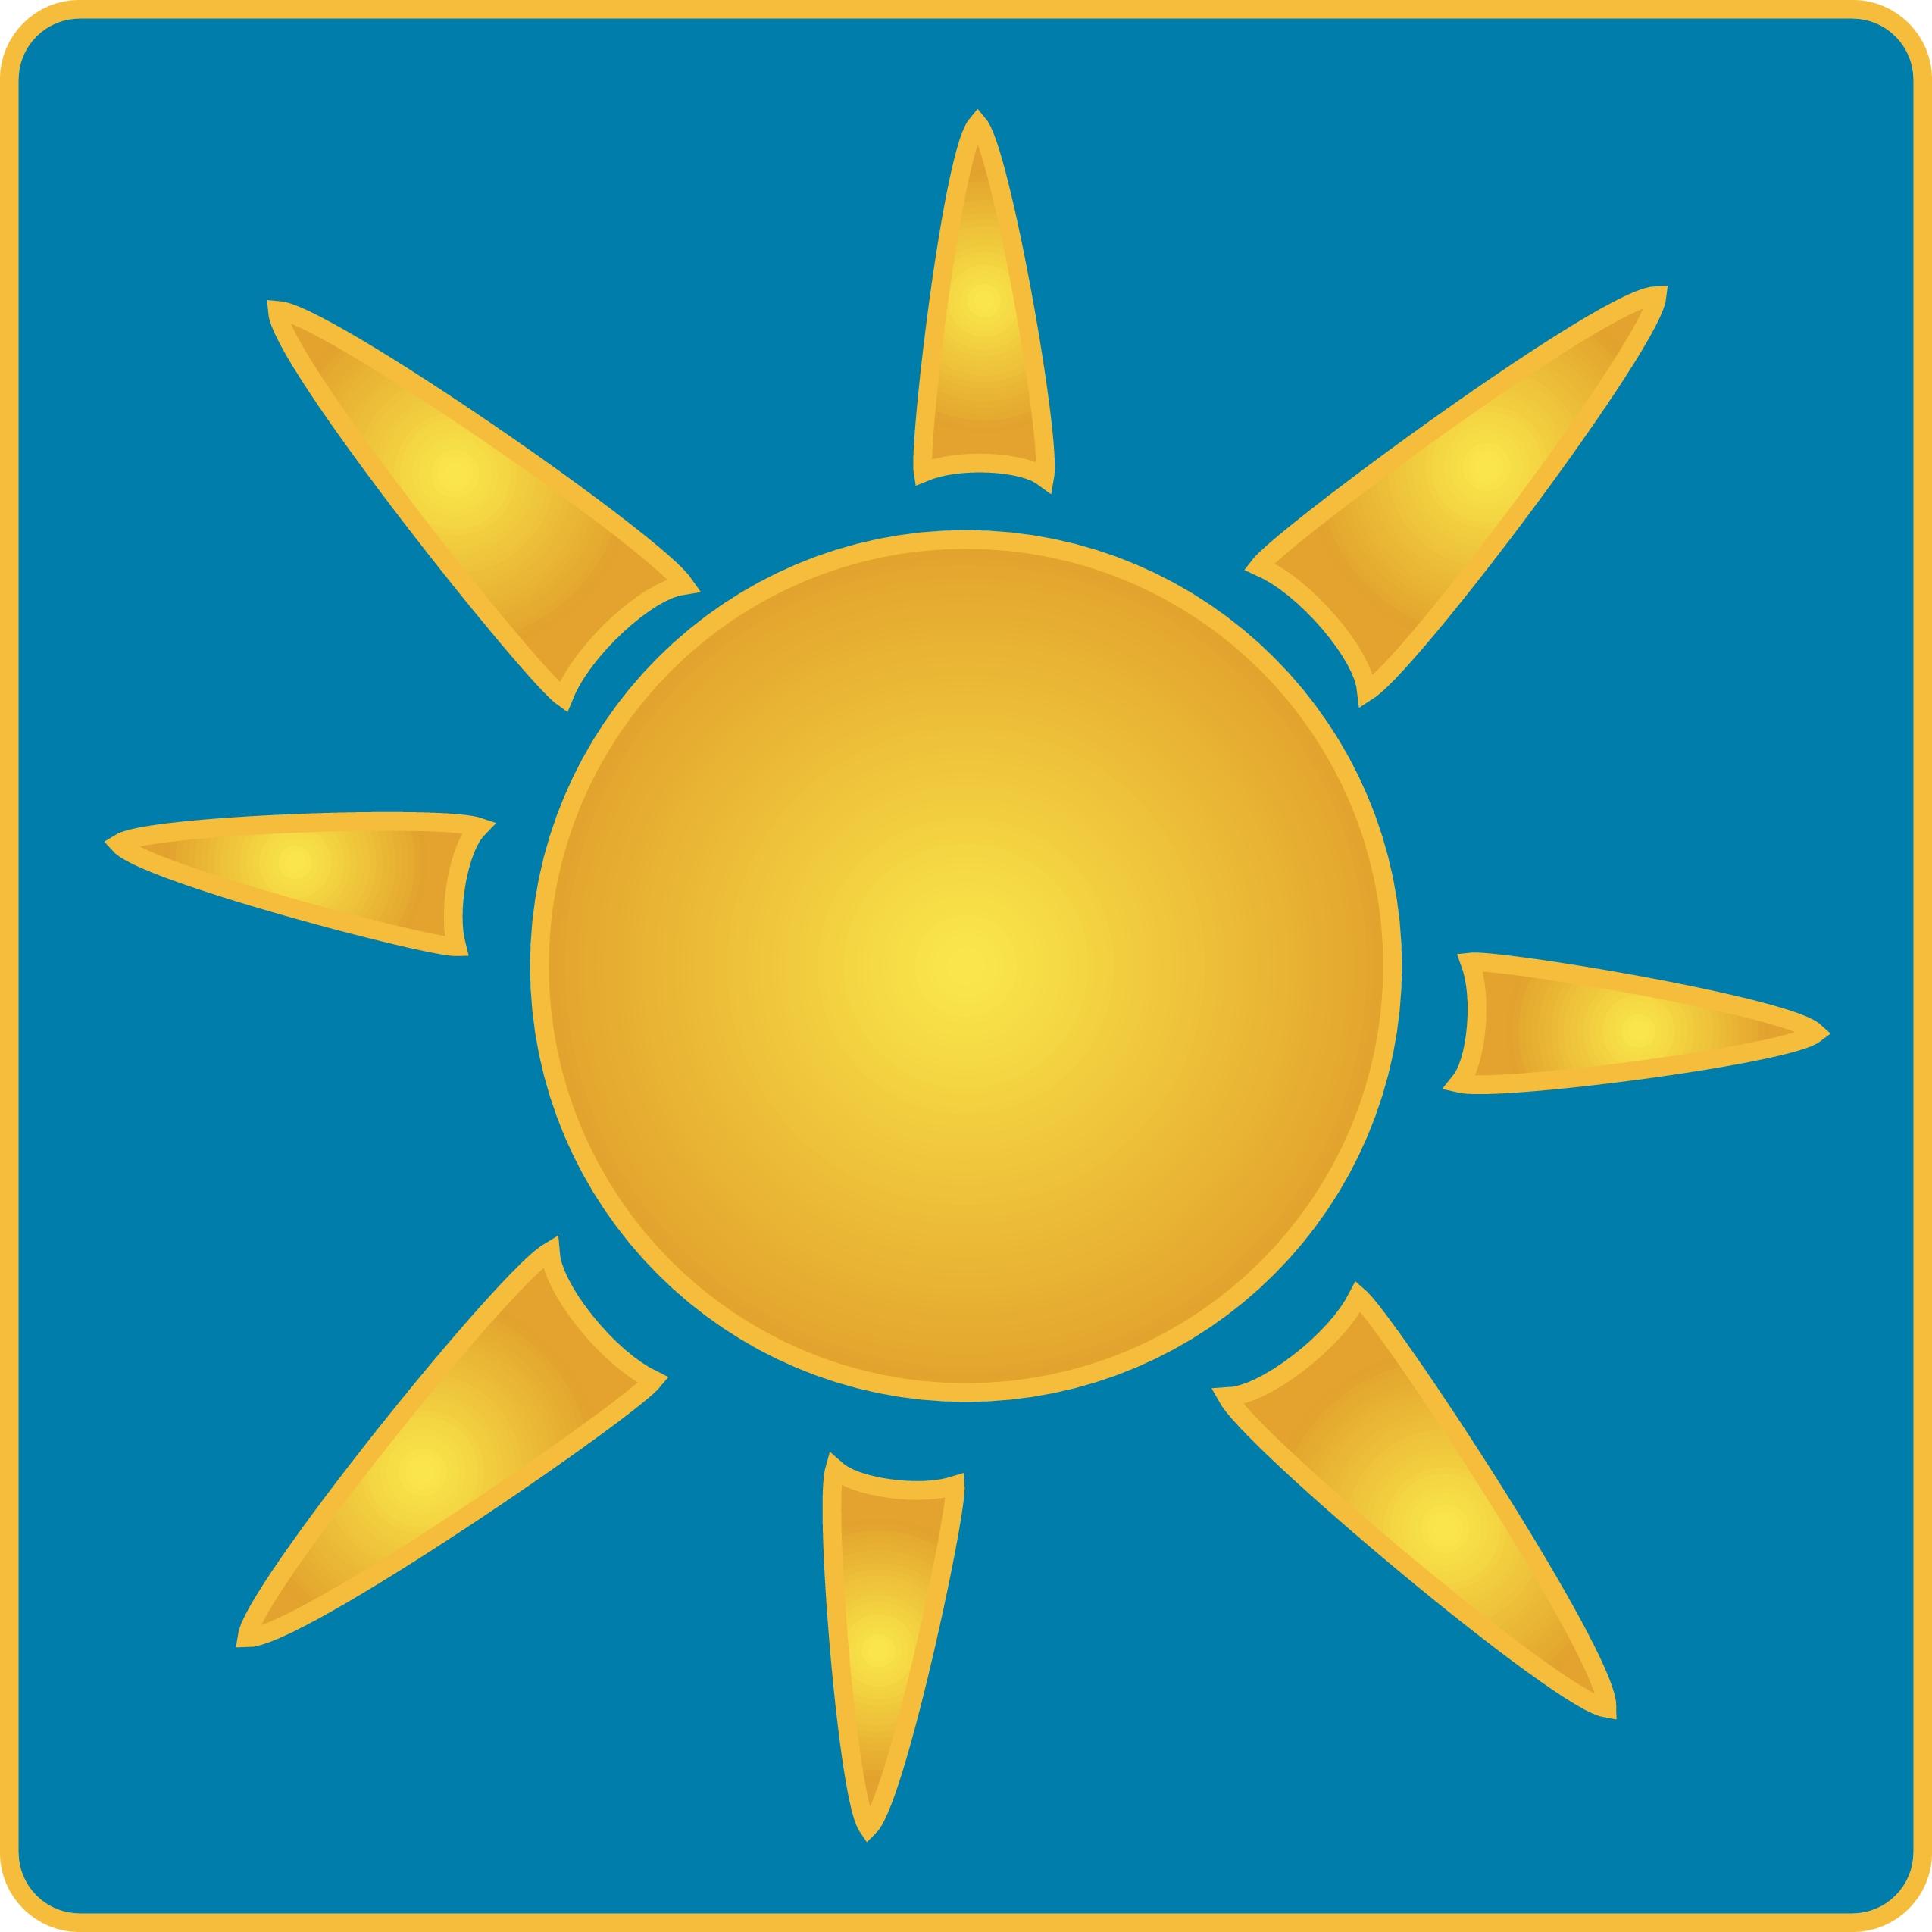 2550x2550 Clip Art Clip Art Sun Rays